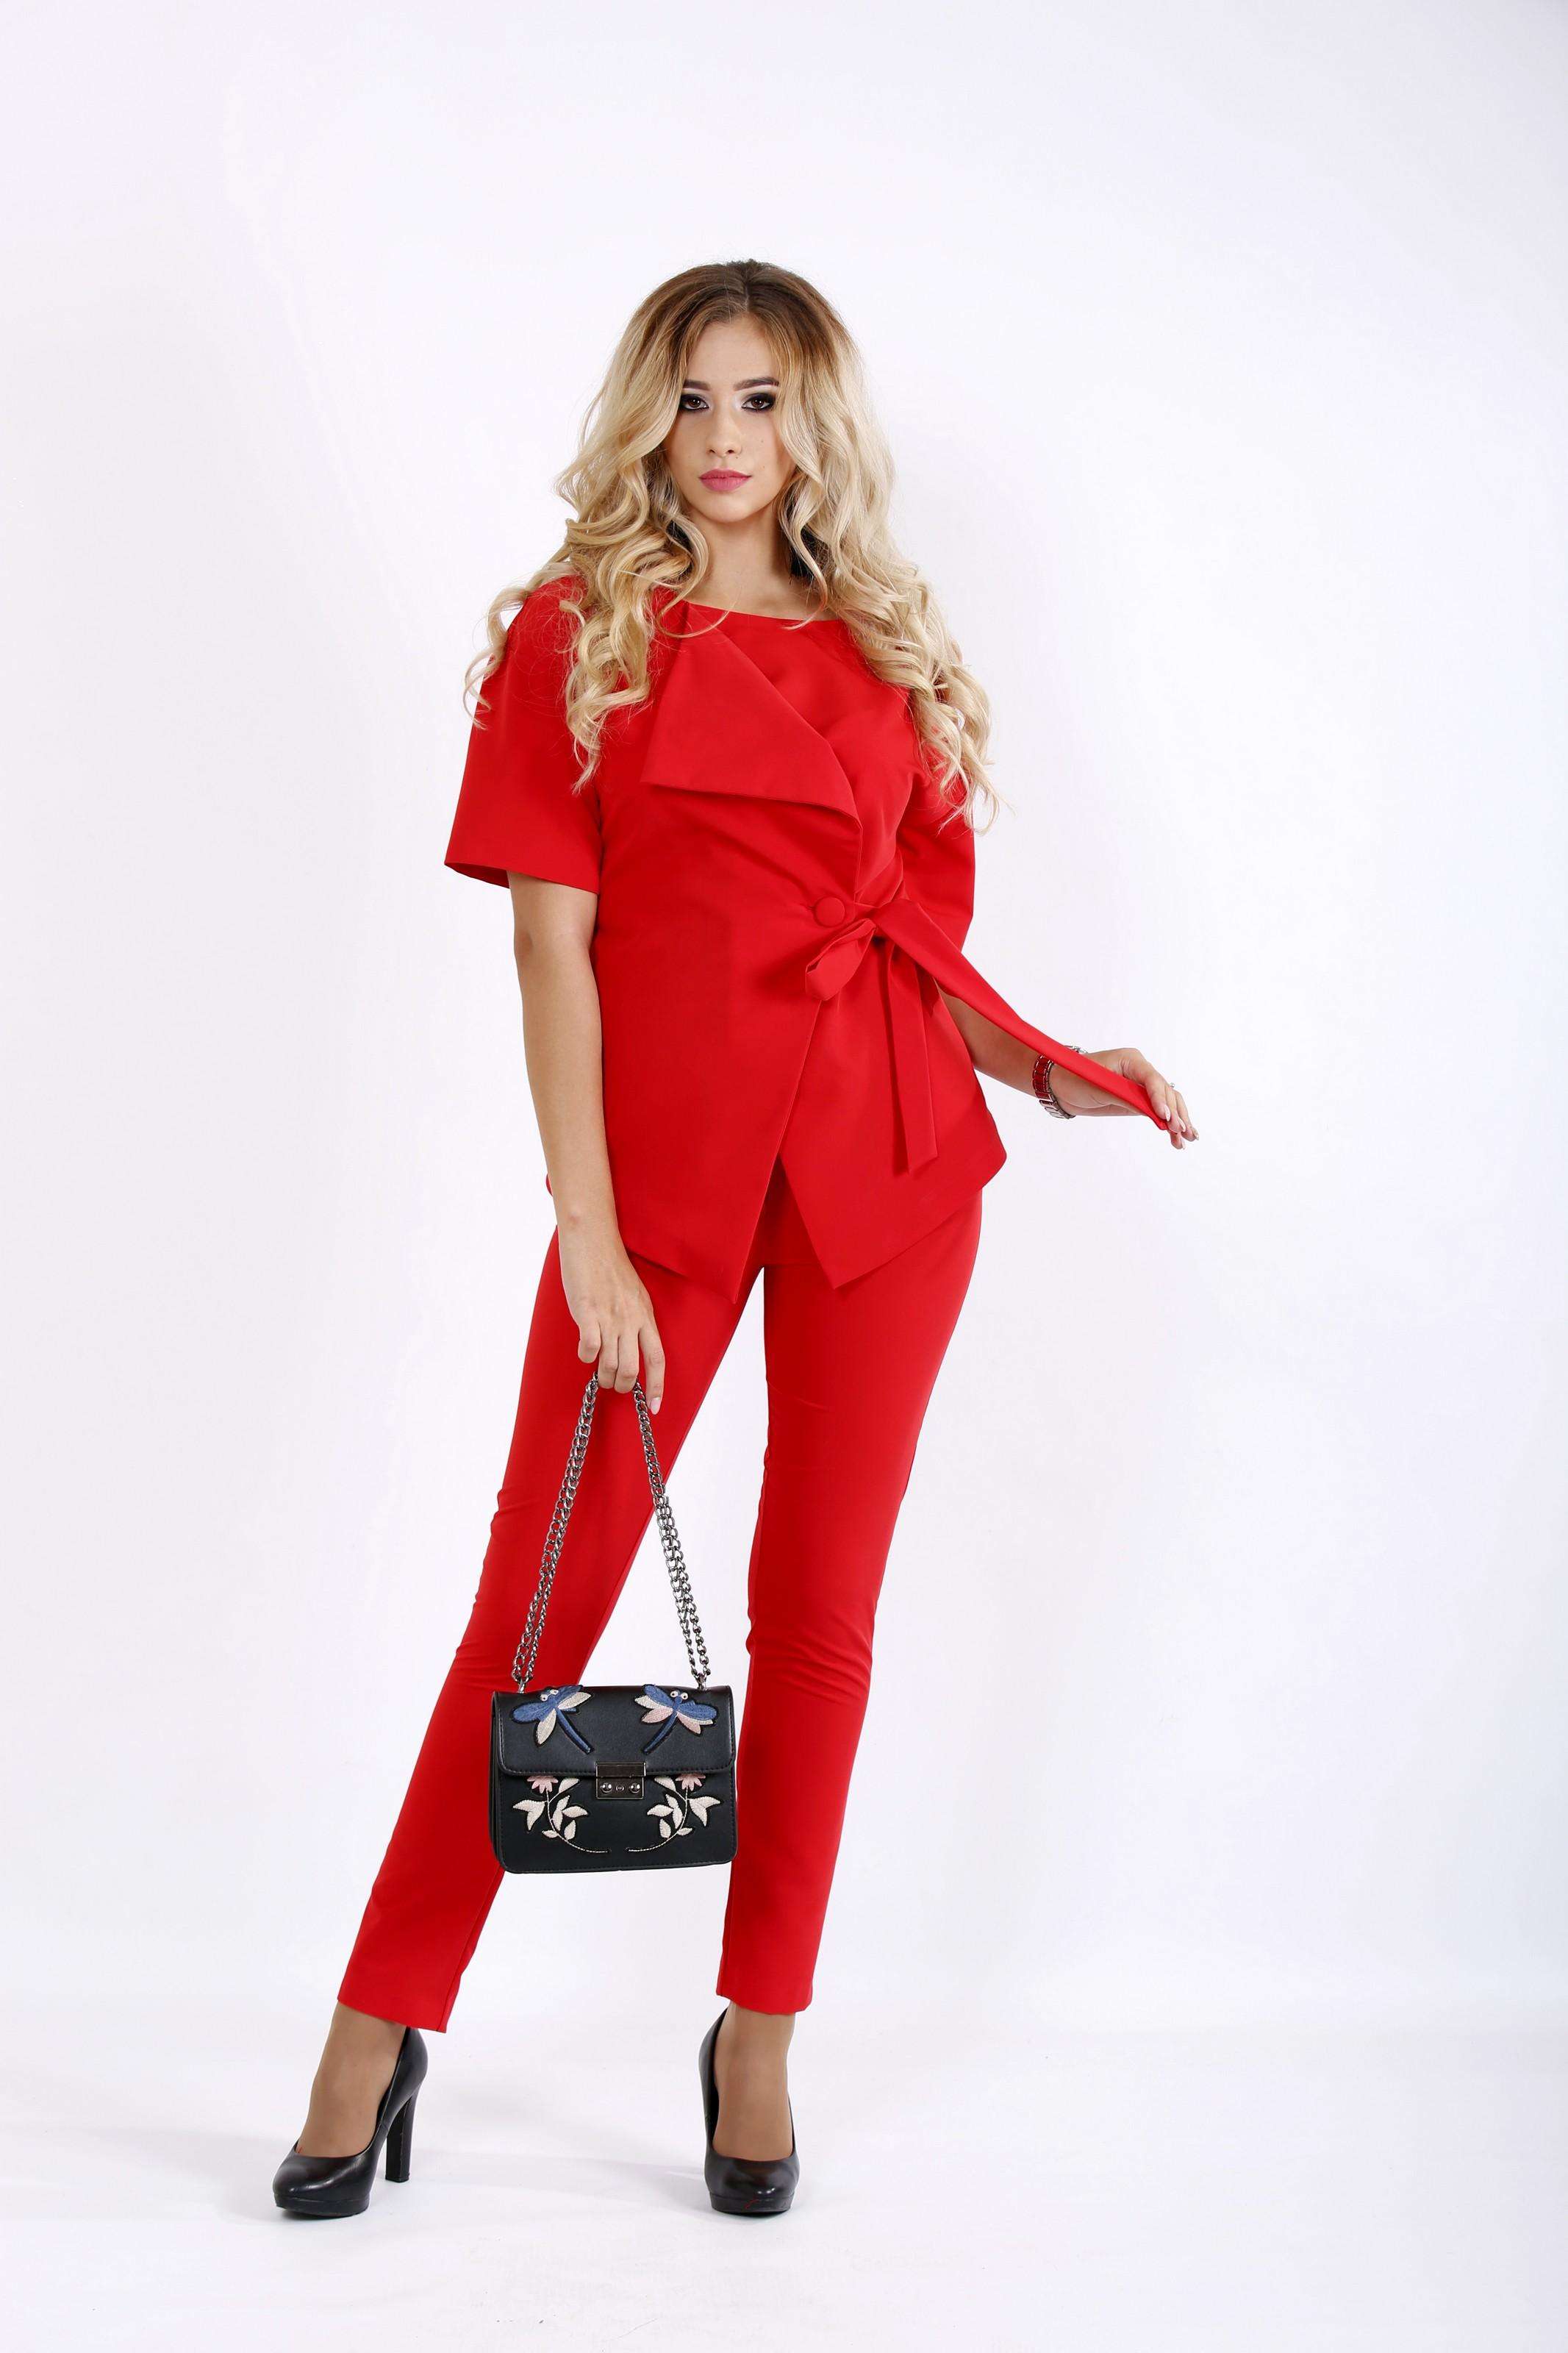 Білі-червоний костюм-двійка: штани і блузка з запахом | 0911-3 - SvitStyle